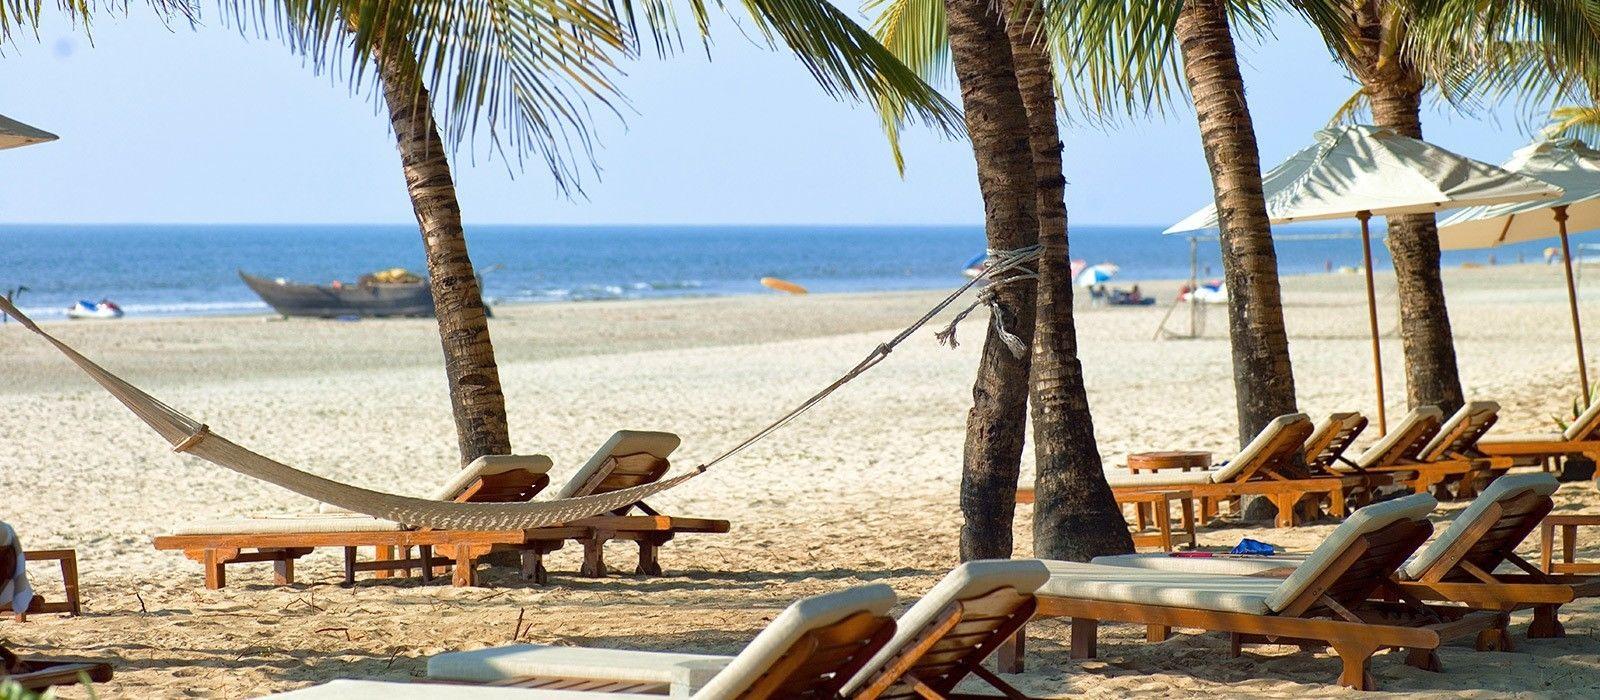 Luxeriöse Reise nach Indien: Verzaubernde Paläste und goldener Strand Urlaub 1